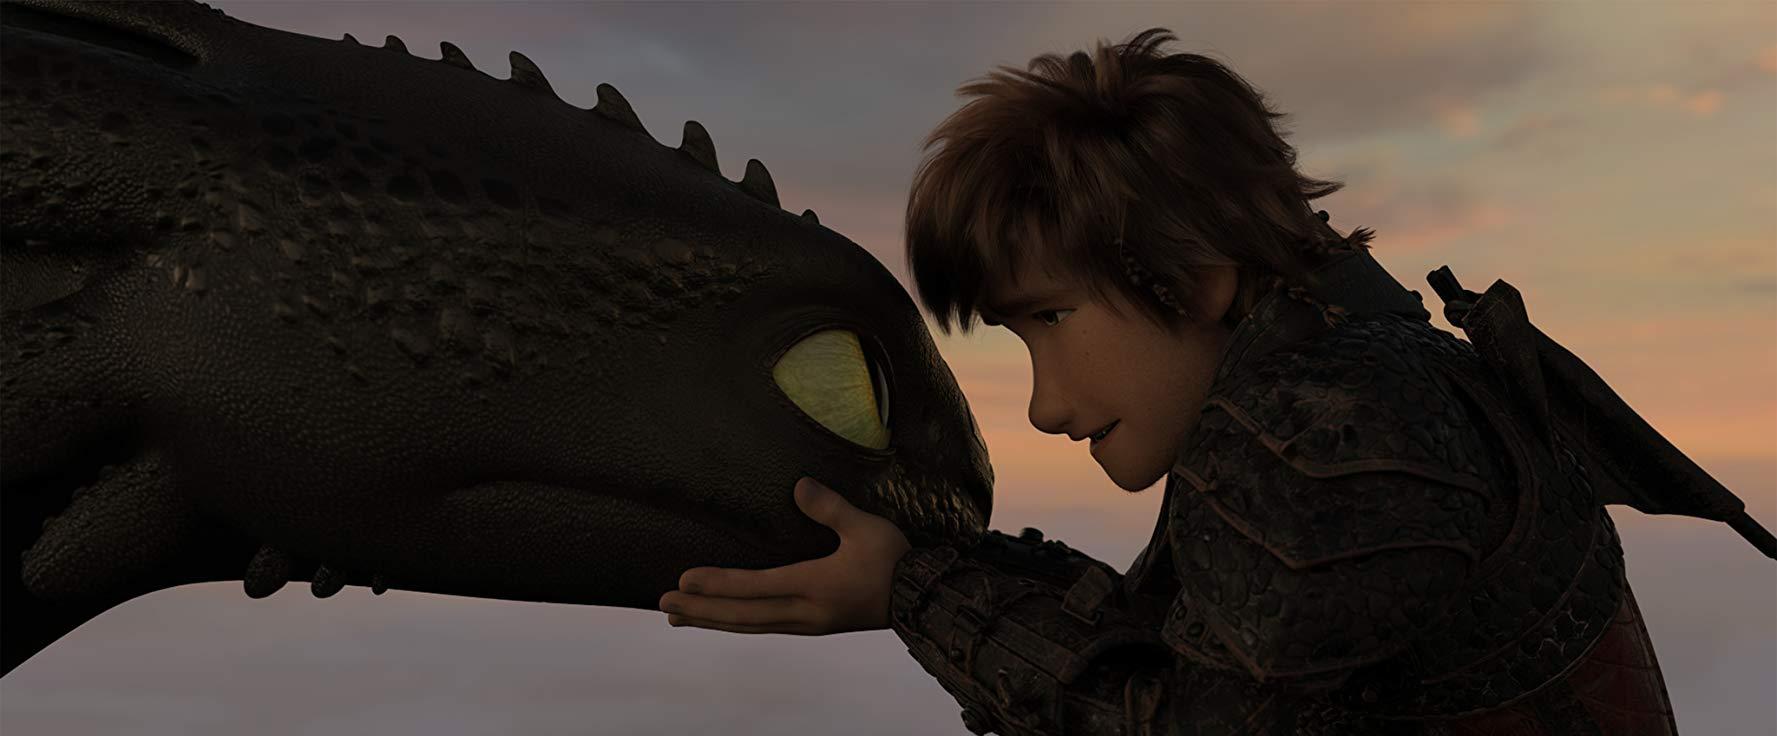 dragon6.jpg